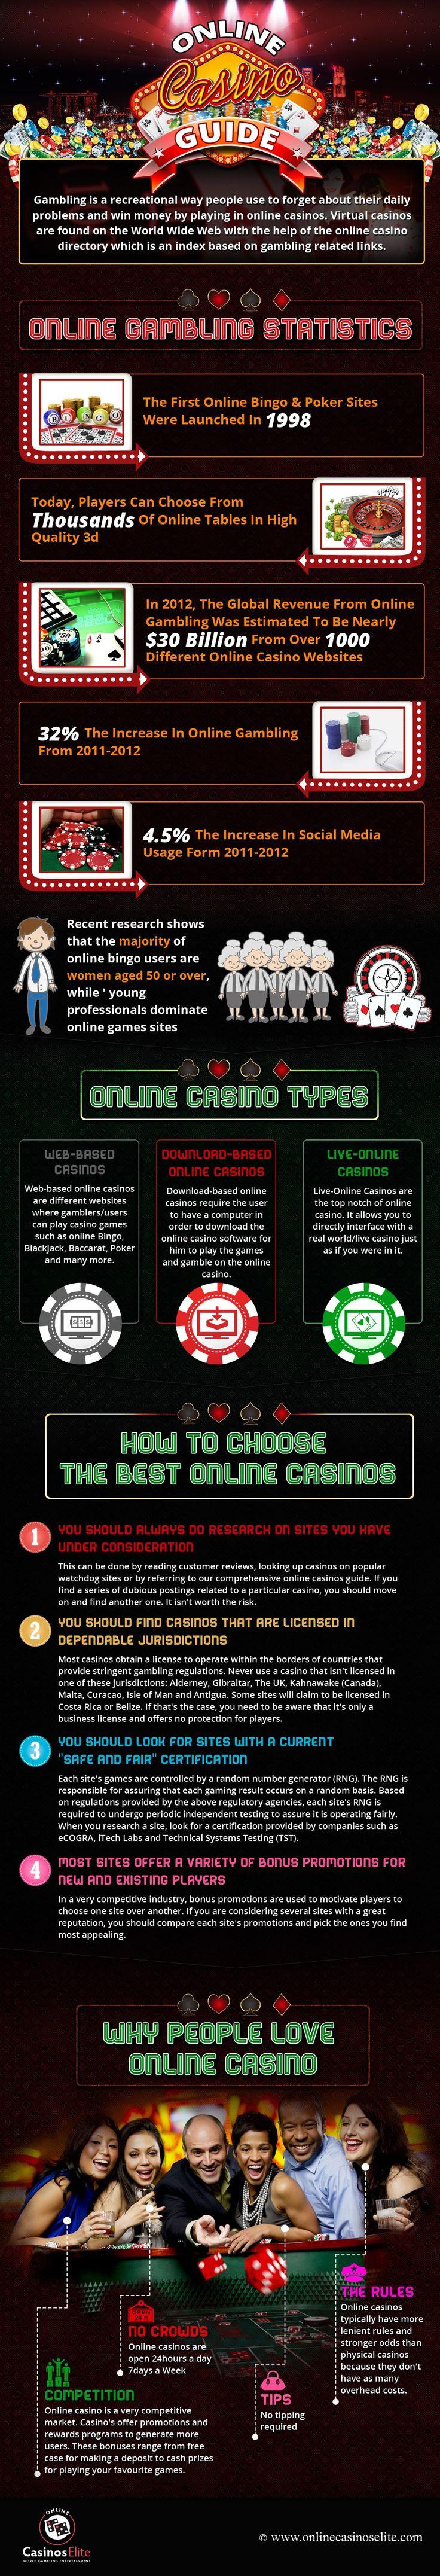 Com elite guide to online casinos cordalene casino